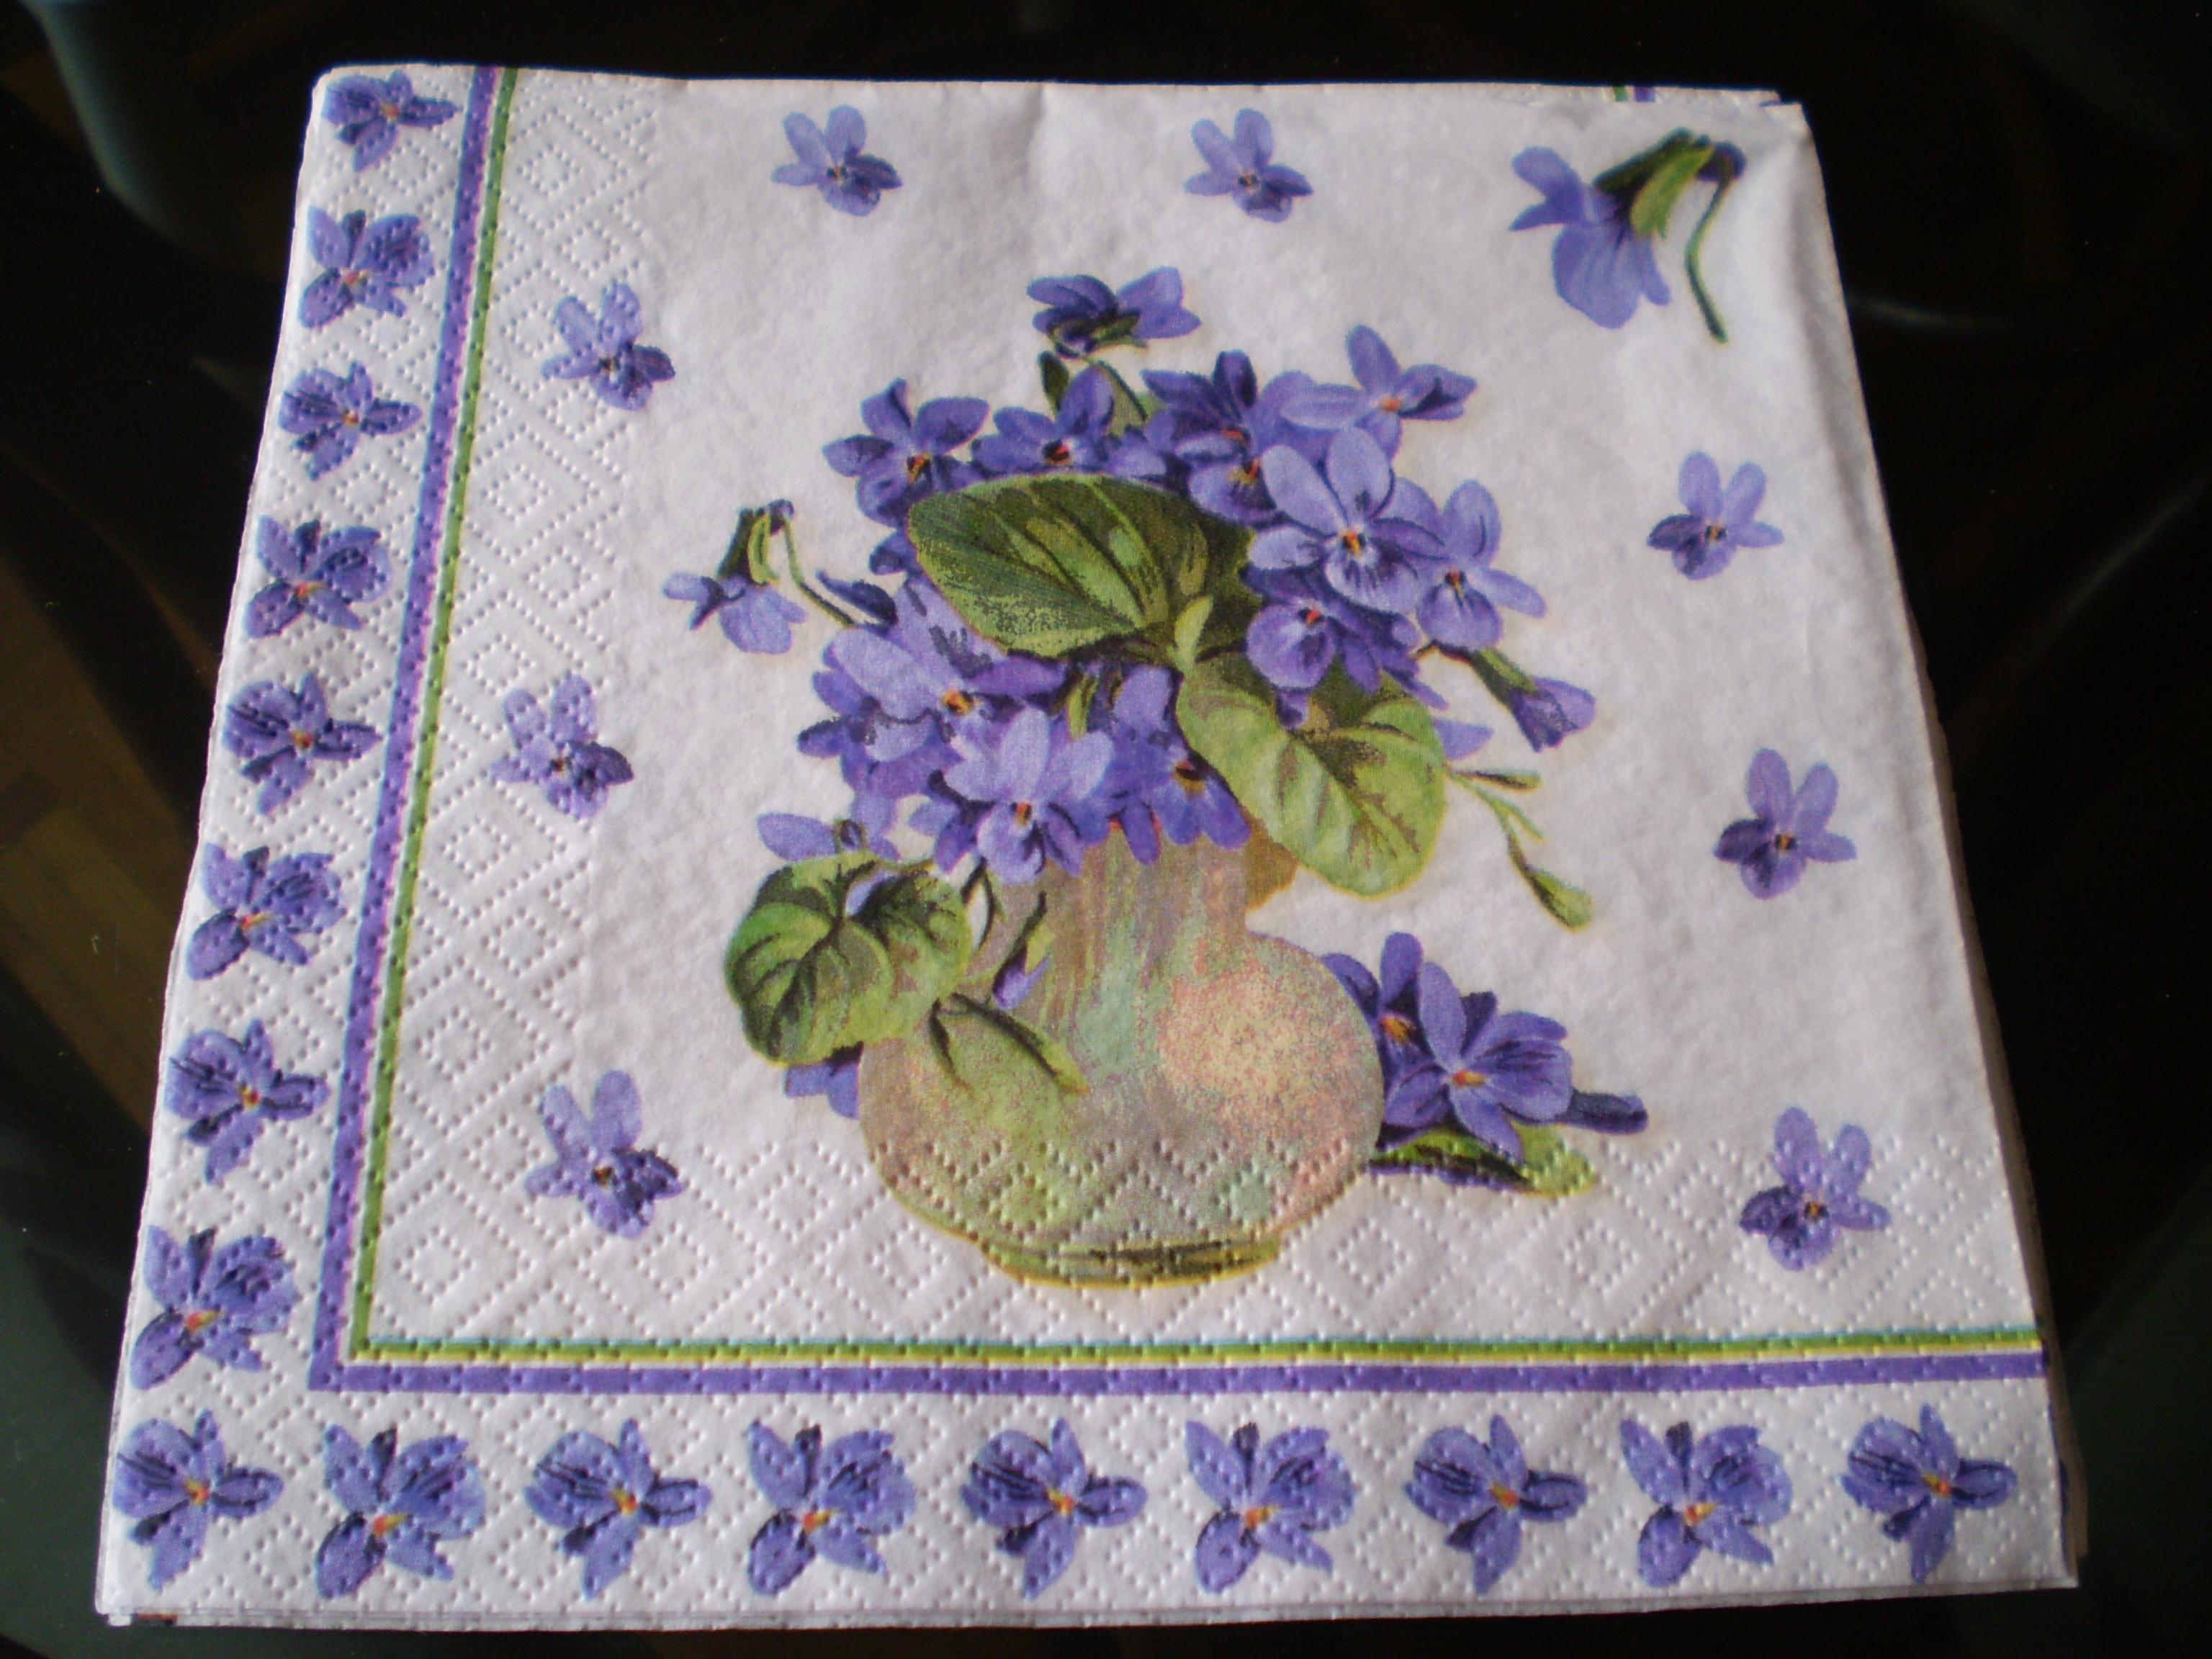 serviettesviolettes.jpg